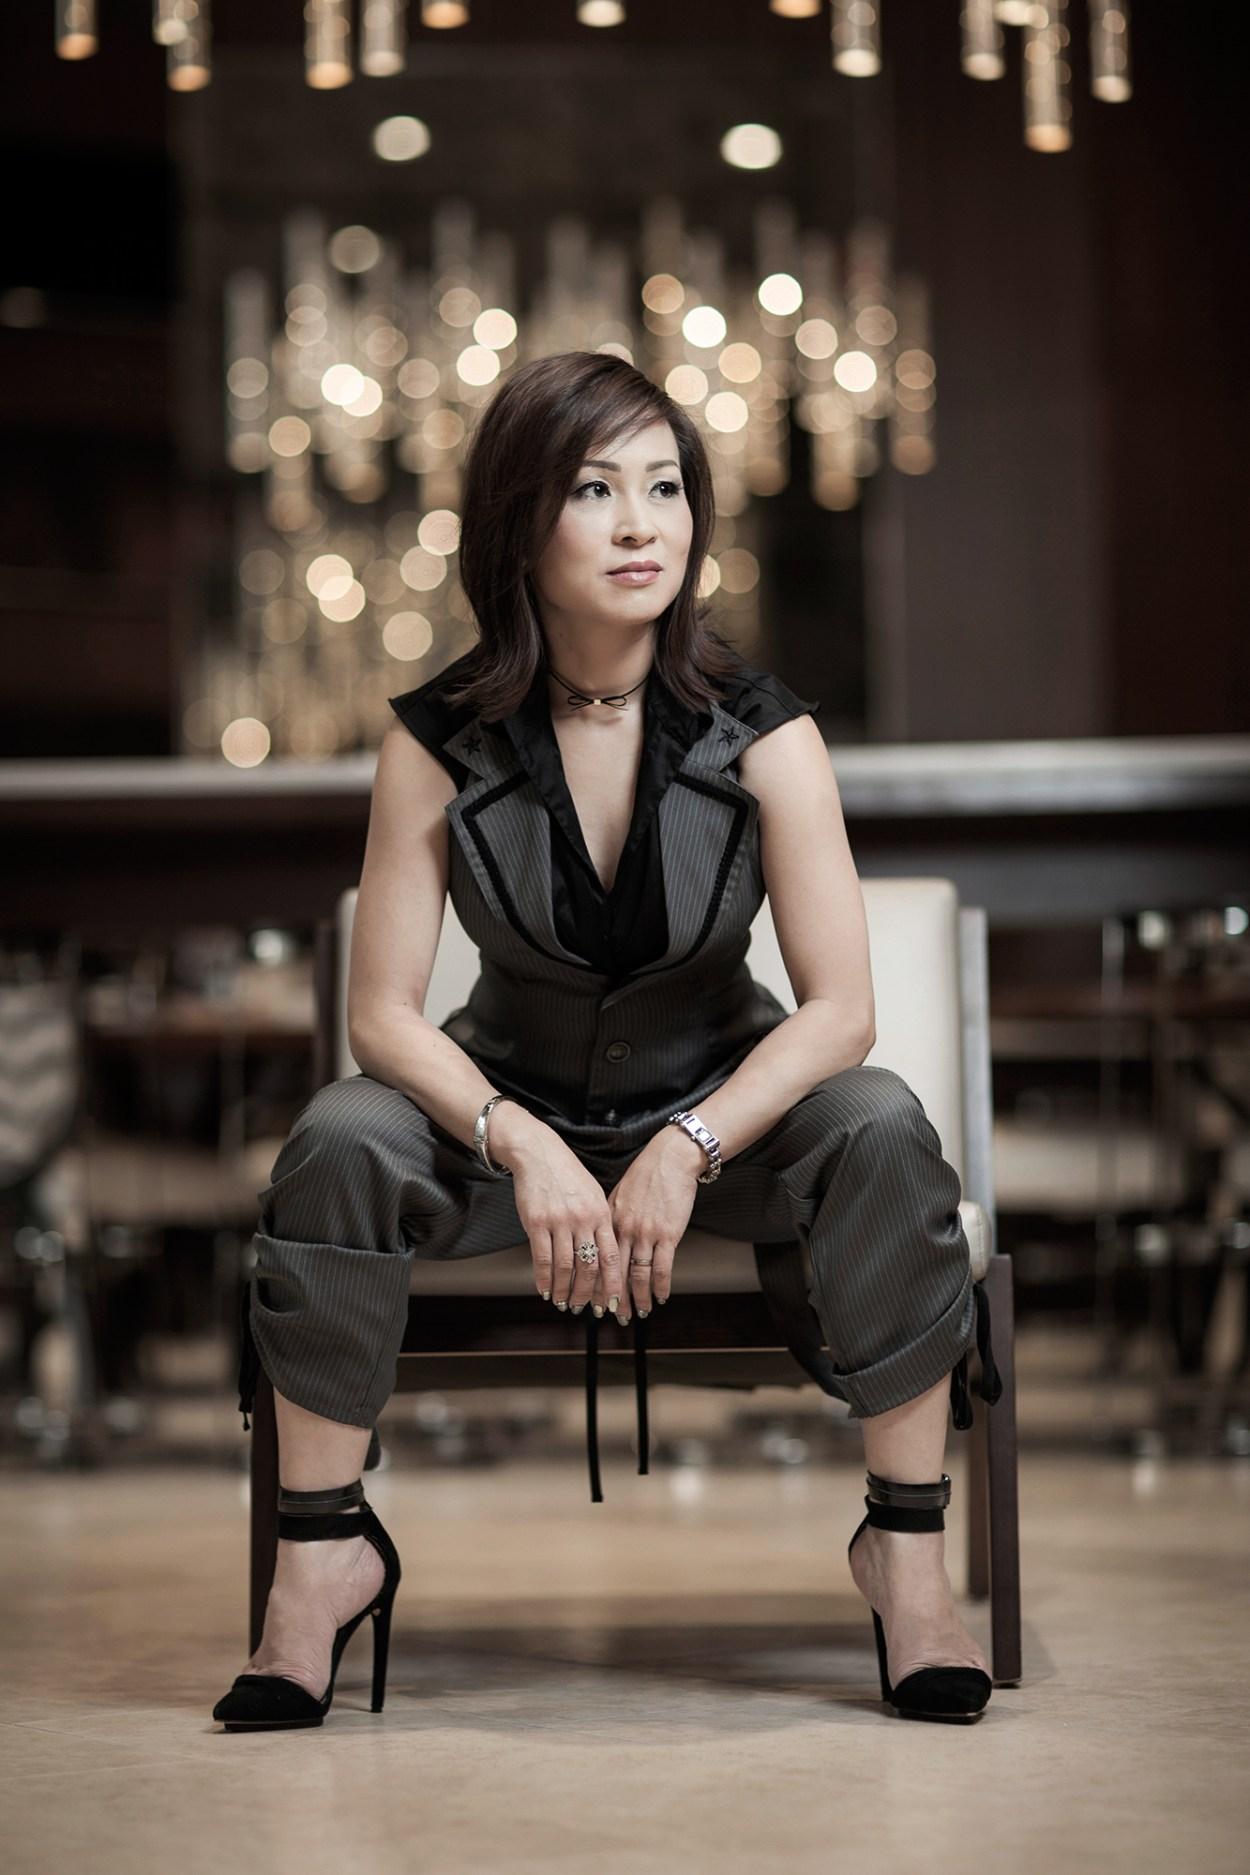 13-Putamayo-Suit-Fashion-Style-Elegant-JFashion-Fashion-Chic